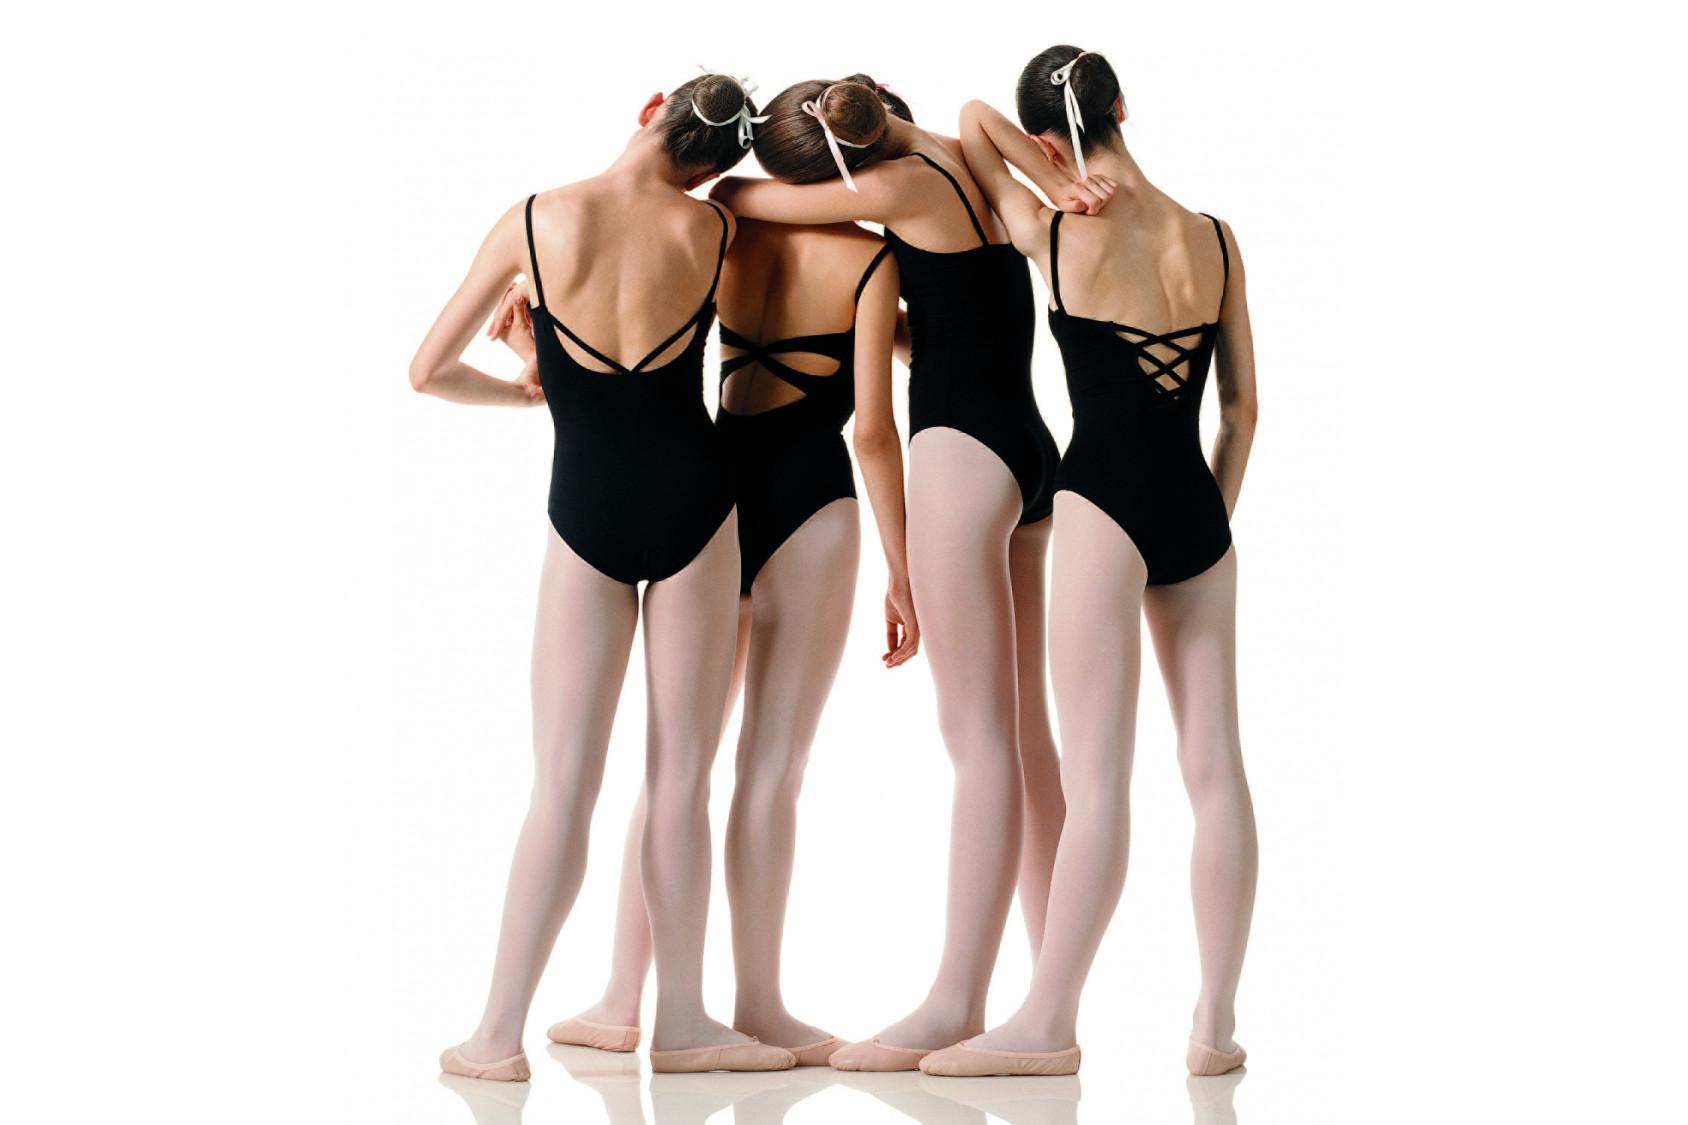 Justaucorps Enfant : la finesse adaptée aux petits danseurs.